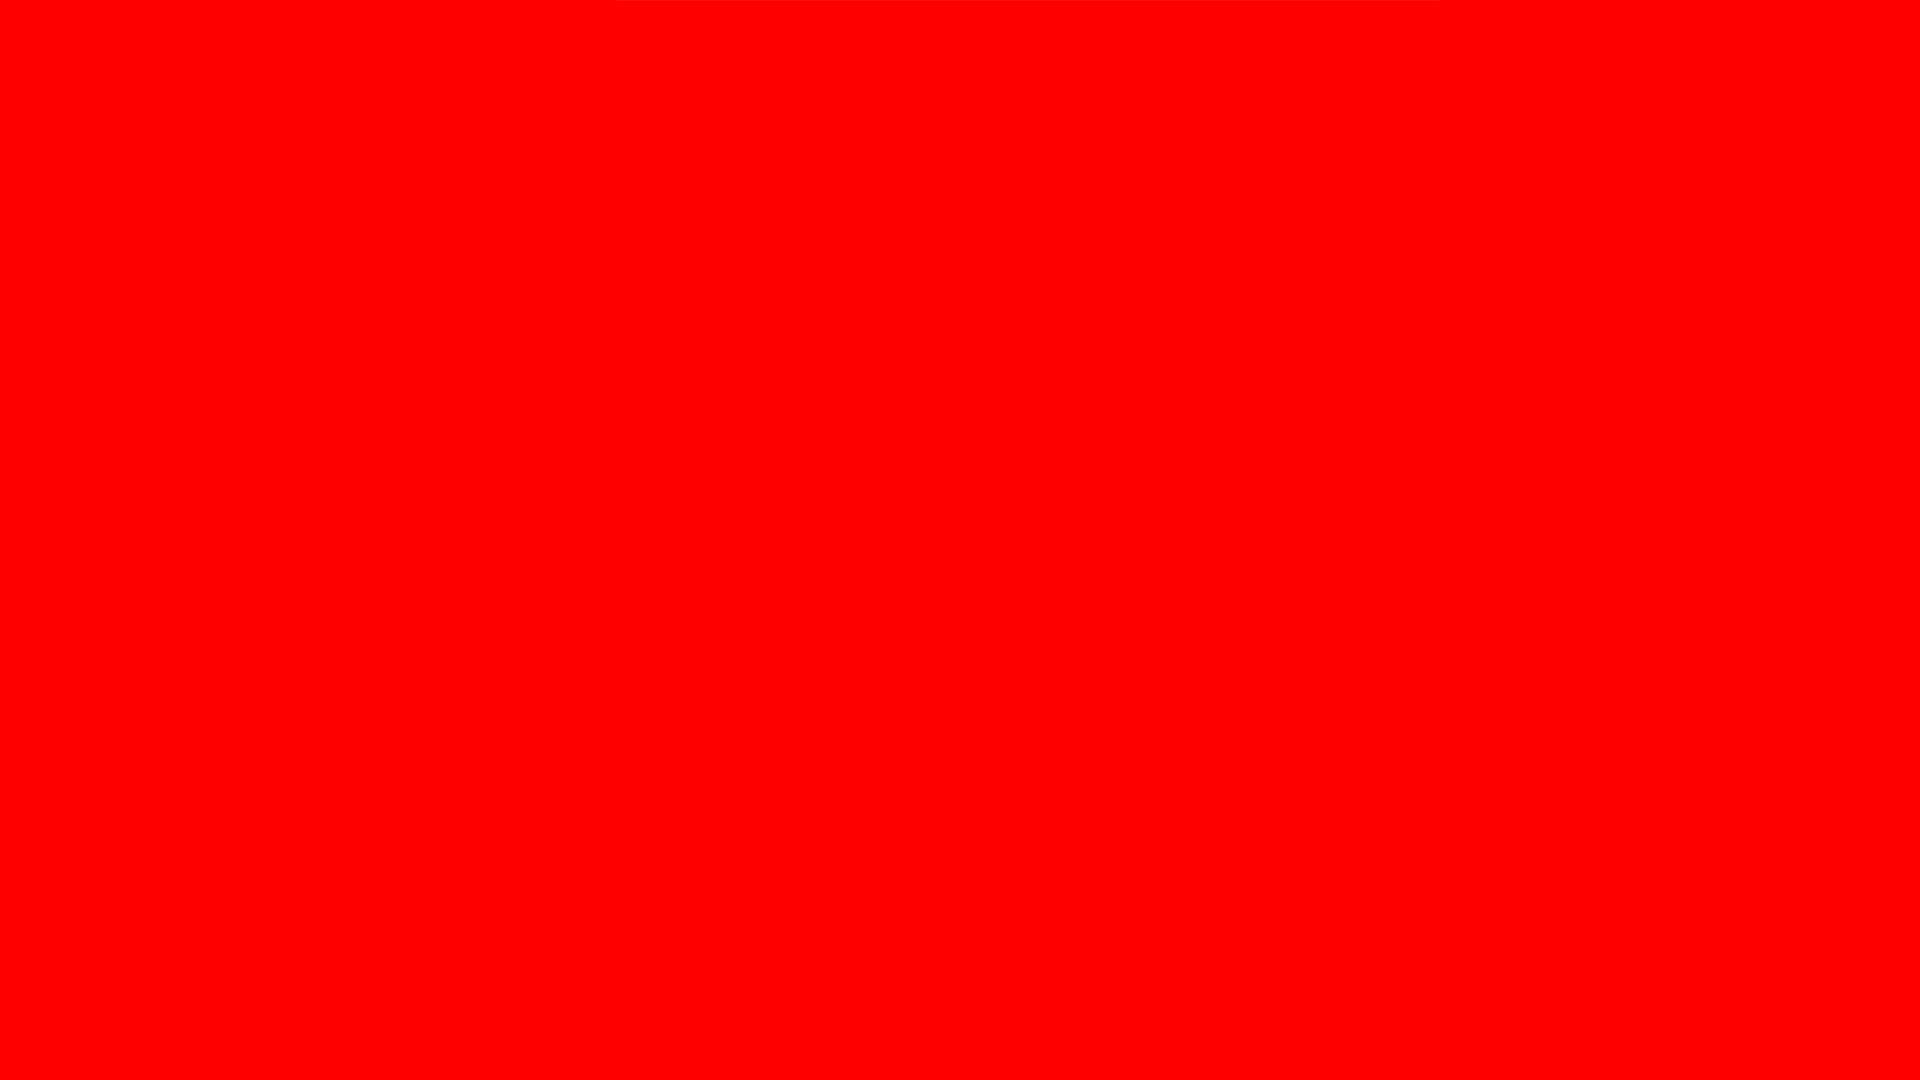 необходимое красный экран картинка фотографии животных, отдельные